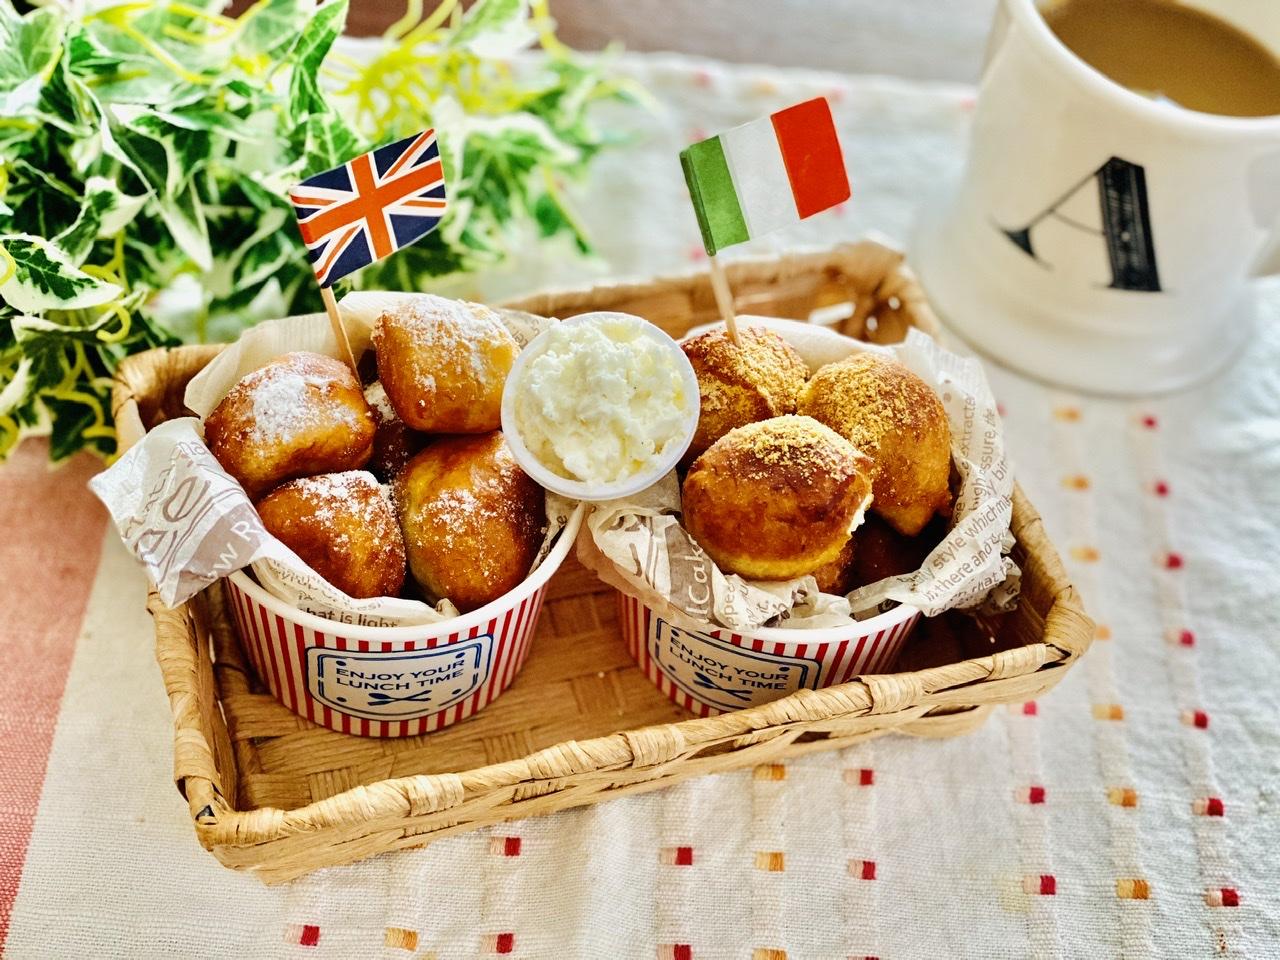 【おうちカフェ】超簡単なのに絶品★ホットケーキミックスでつくる人気レシピを実践♡-ひとくちドーナツ-_5